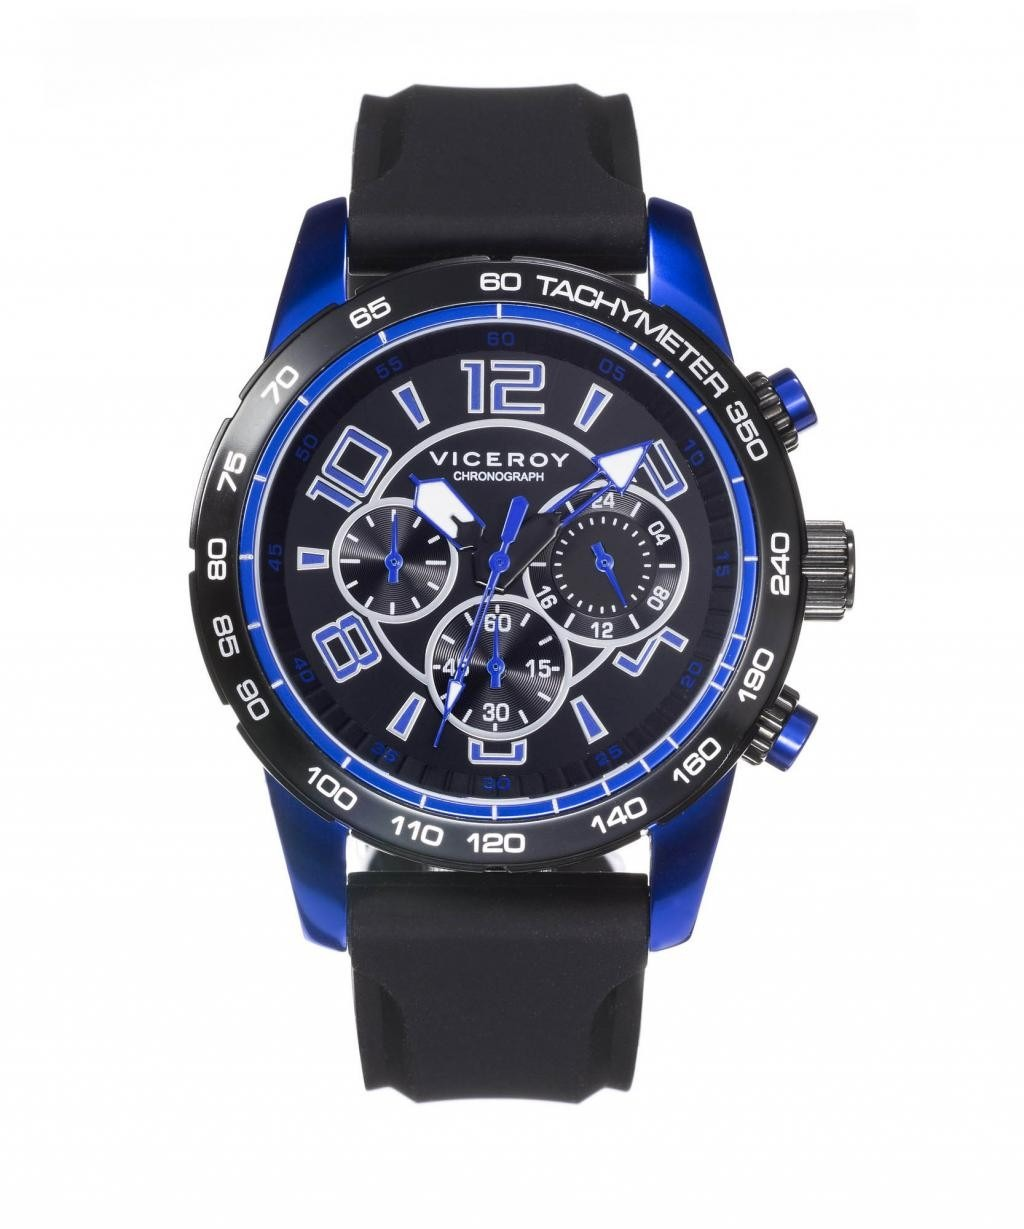 ea4732a0e21b Las 10 mejores marcas de relojes baratos y buenos - Marcas de relojes